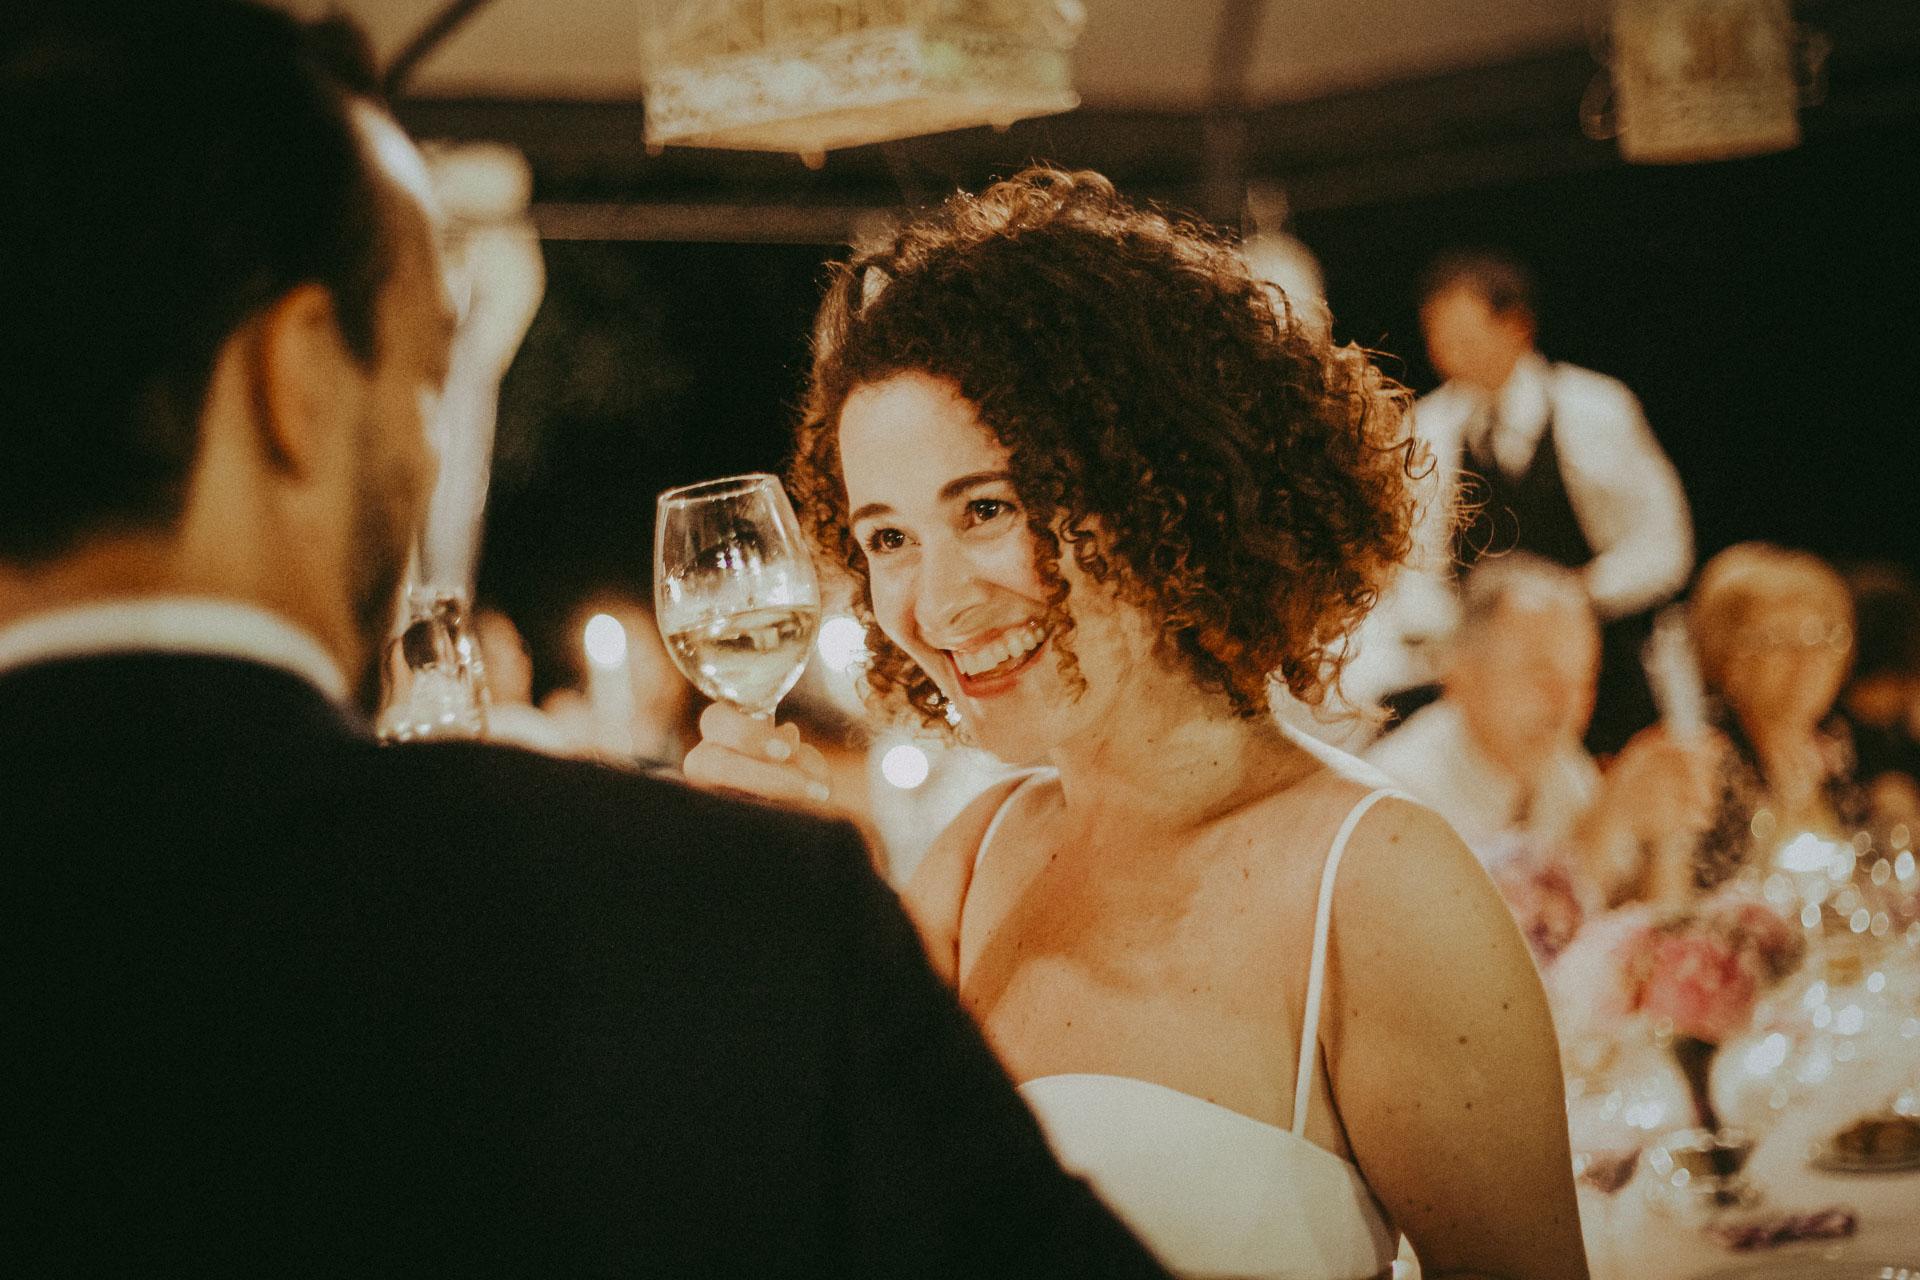 Wedding at Tenuta di Polline, Civil Union in Municipality of Anguillara.